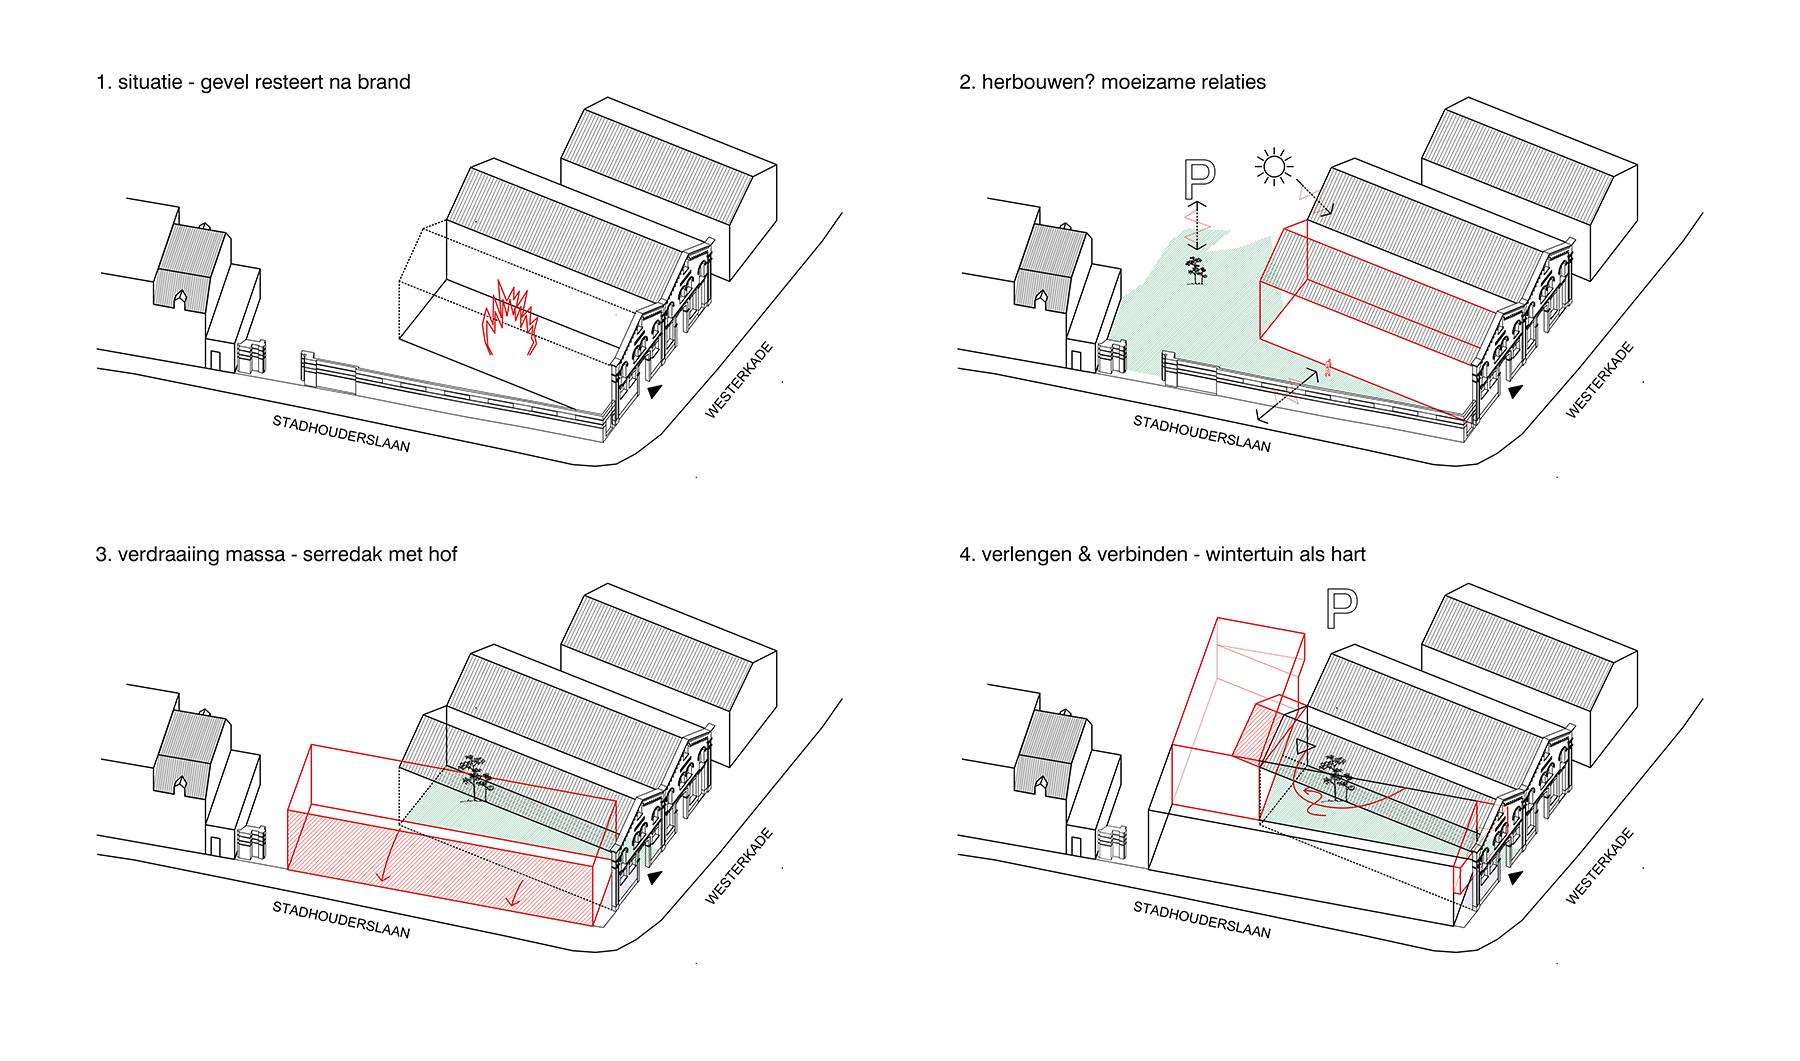 Stadhoudershof concept - stats architecten